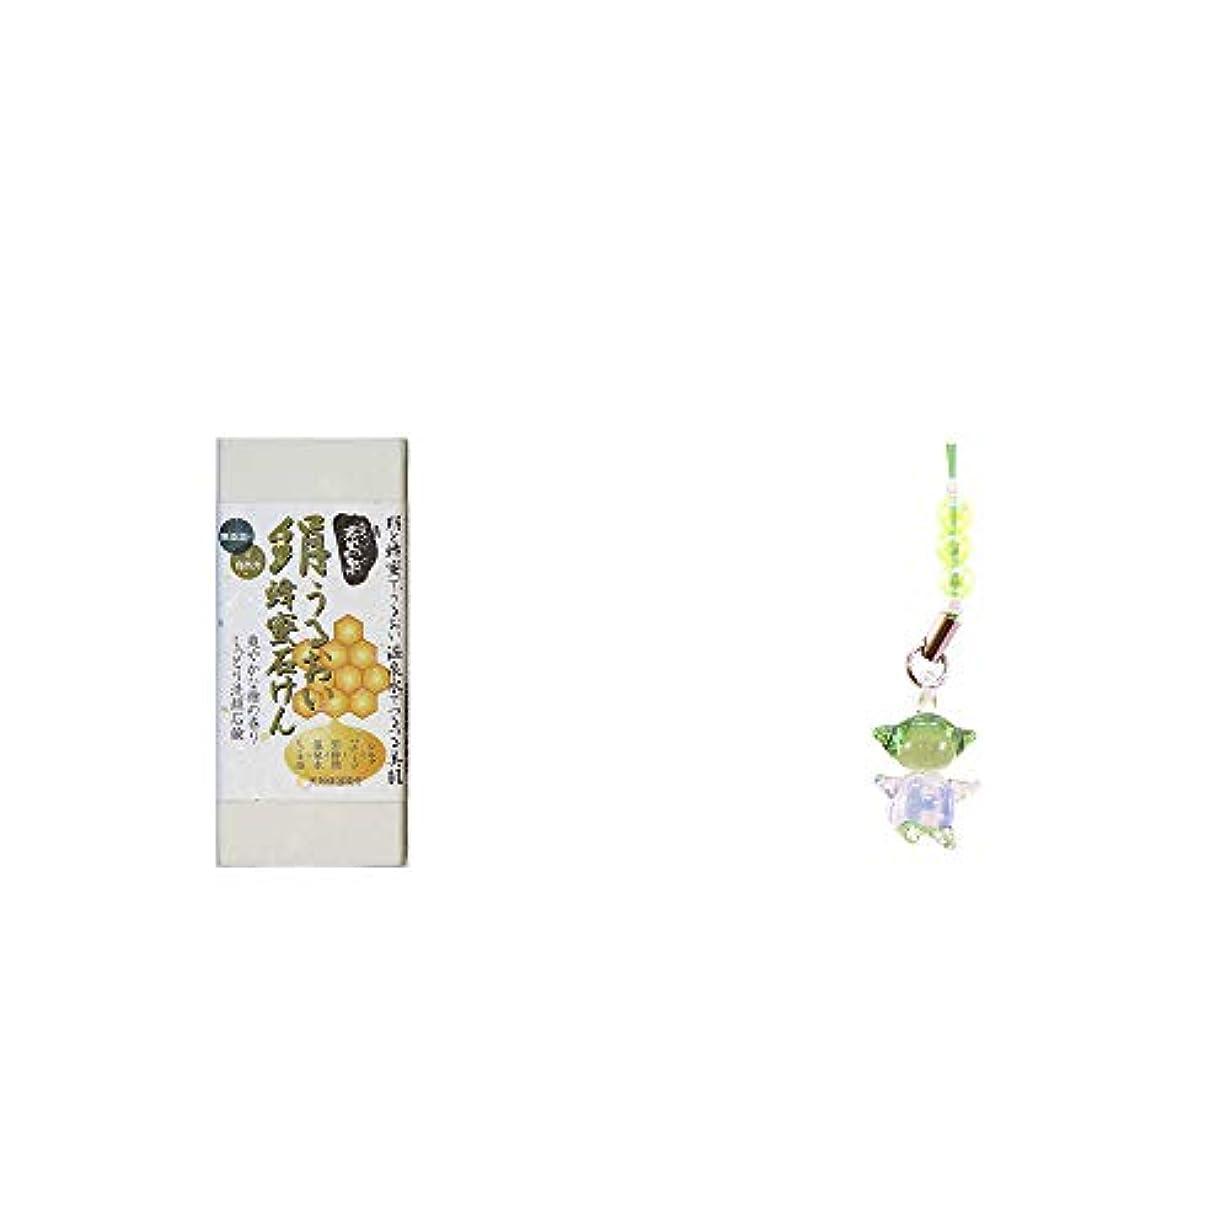 けん引旅客センブランス[2点セット] ひのき炭黒泉 絹うるおい蜂蜜石けん(75g×2)?ガラスのさるぼぼ 手作りキーホルダー 【緑】 /健康運?平穏?病気を寄付けない?健康祈願//